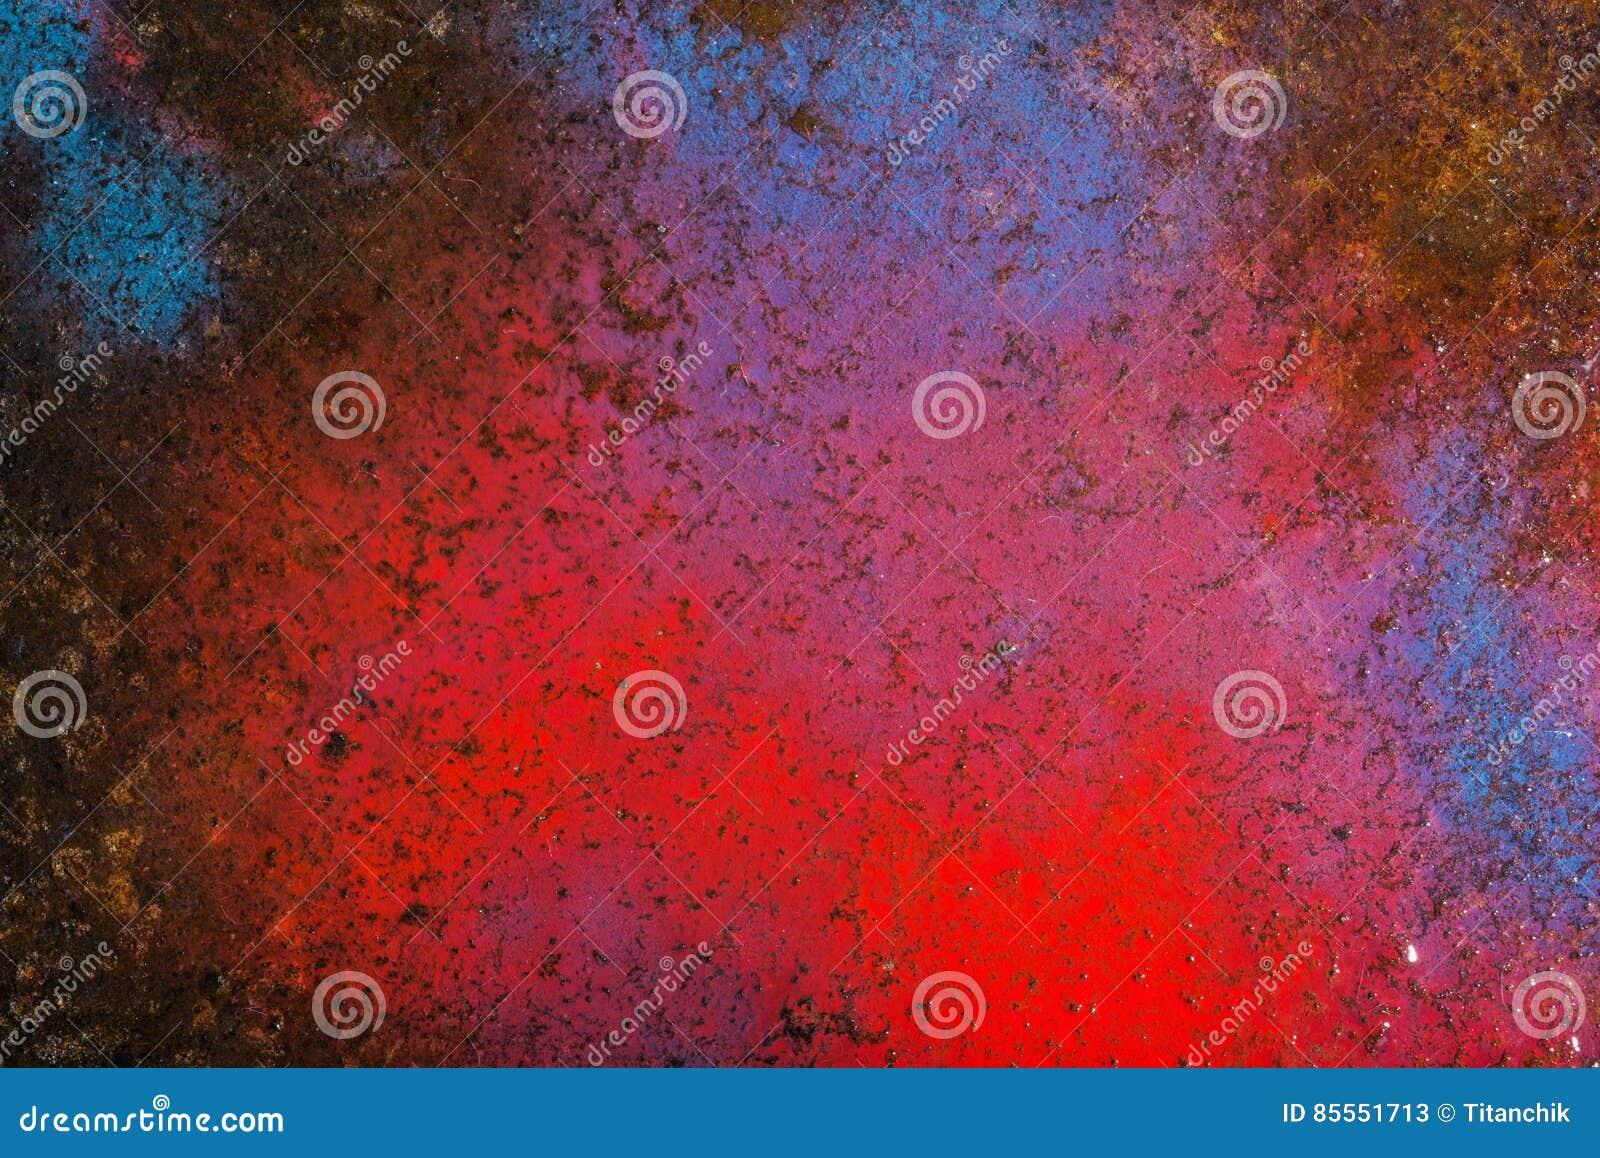 Flüssige Farbe